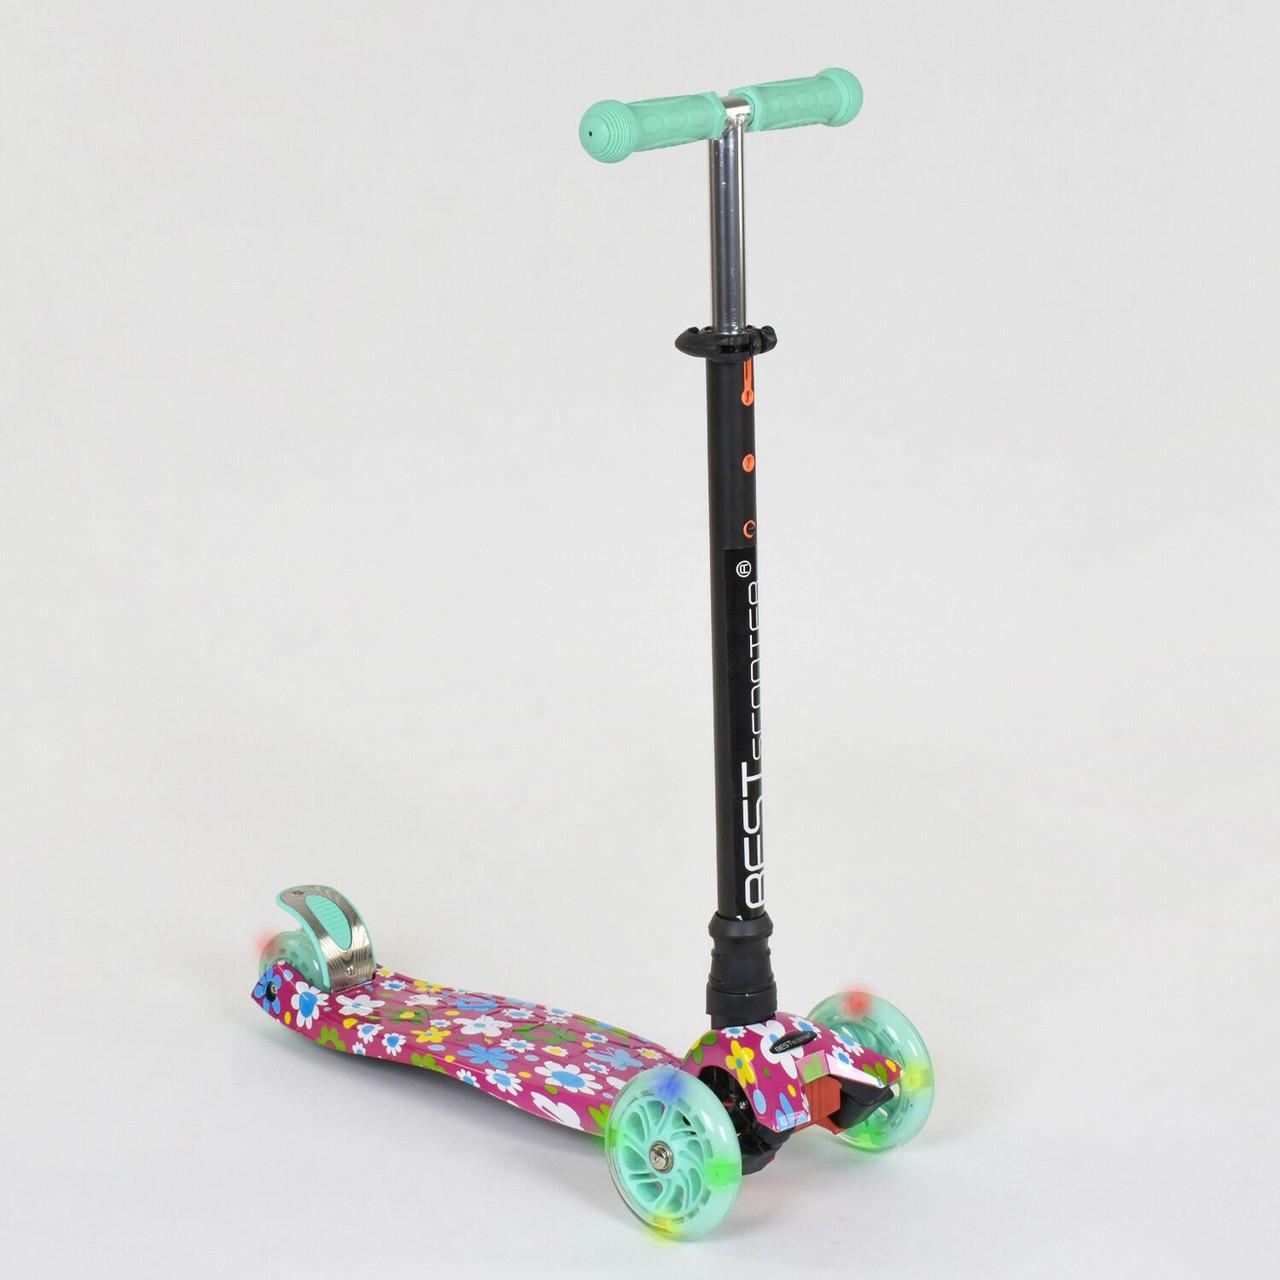 Детский самокат трехколесный для девочек Best Scooter Maxi А 25600 /779-1343 со светящимися колесами